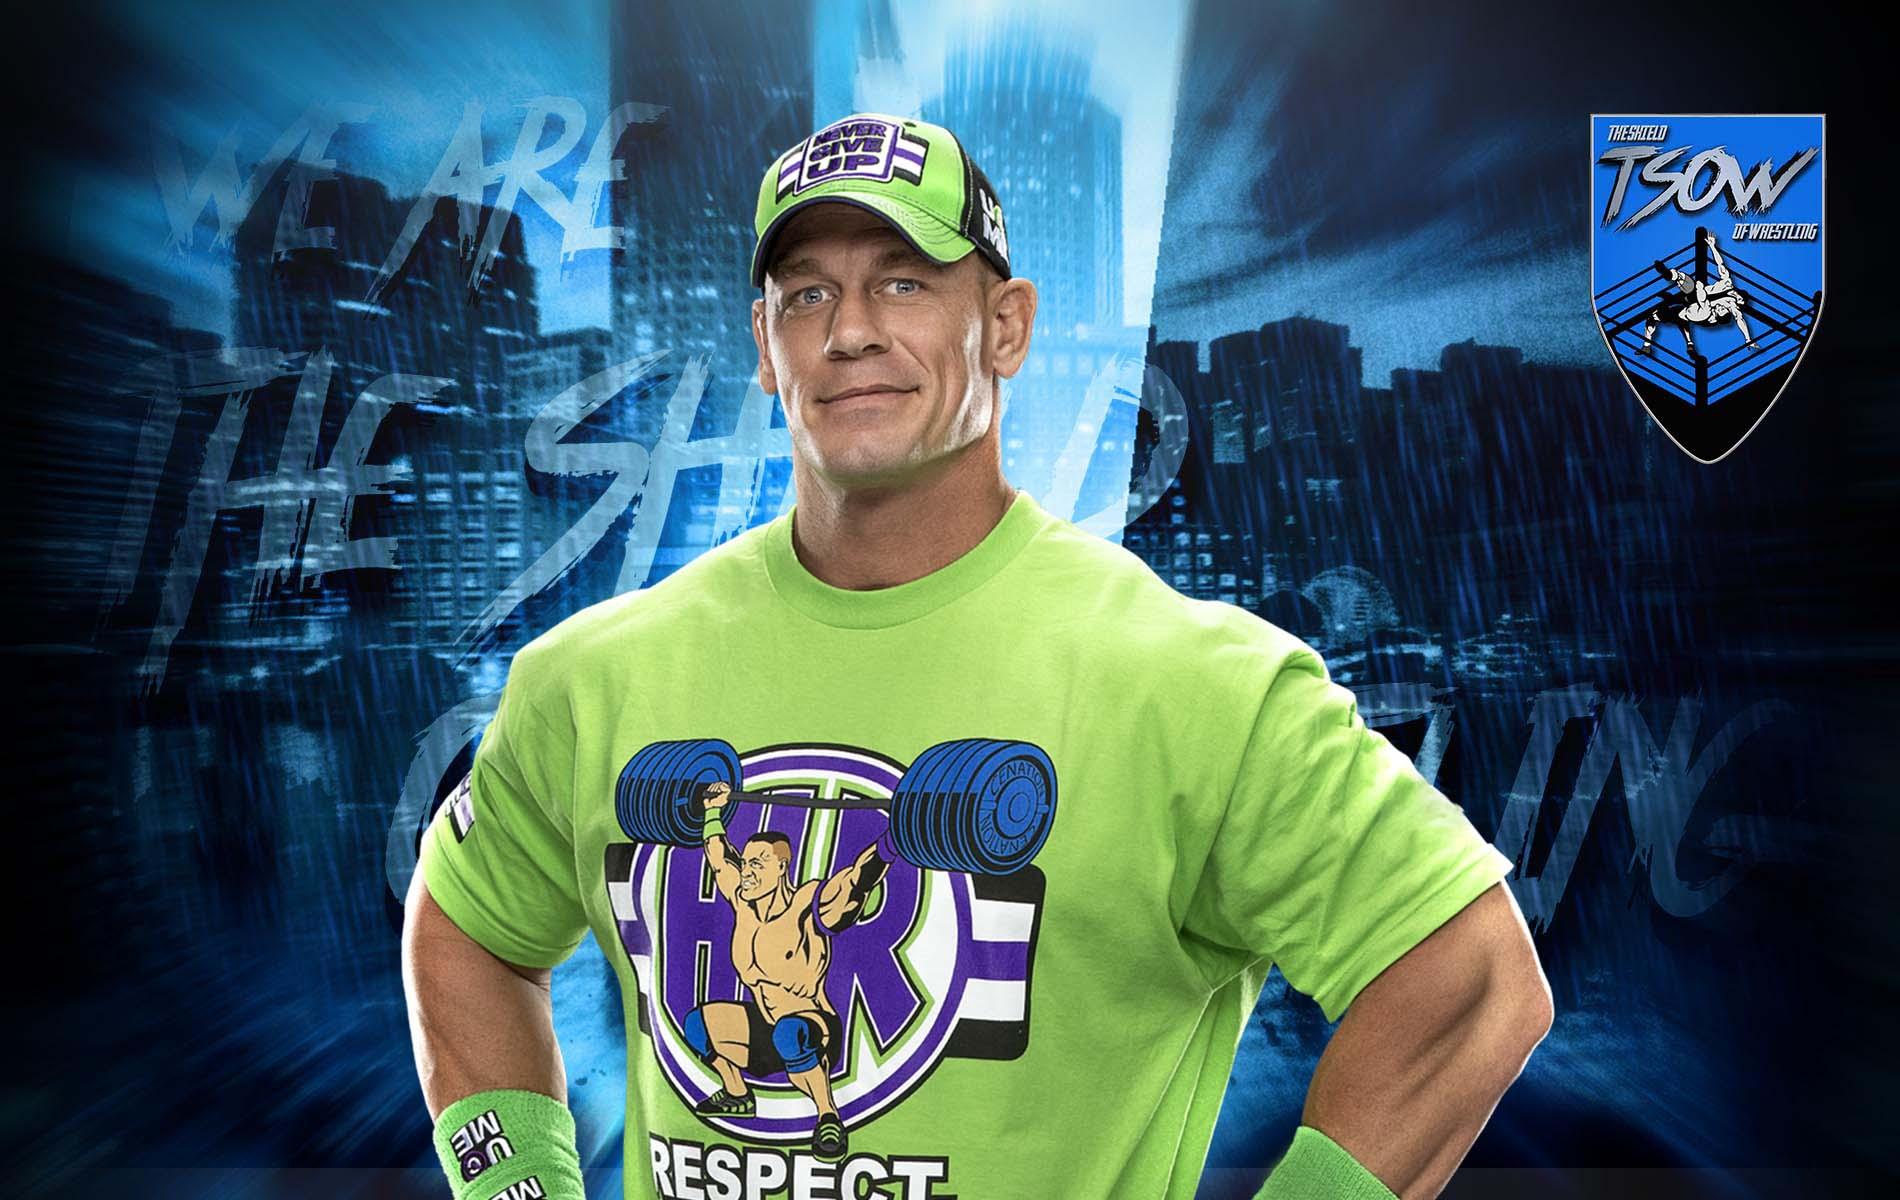 John Cena torna in WWE con un progetto tutto nuovo